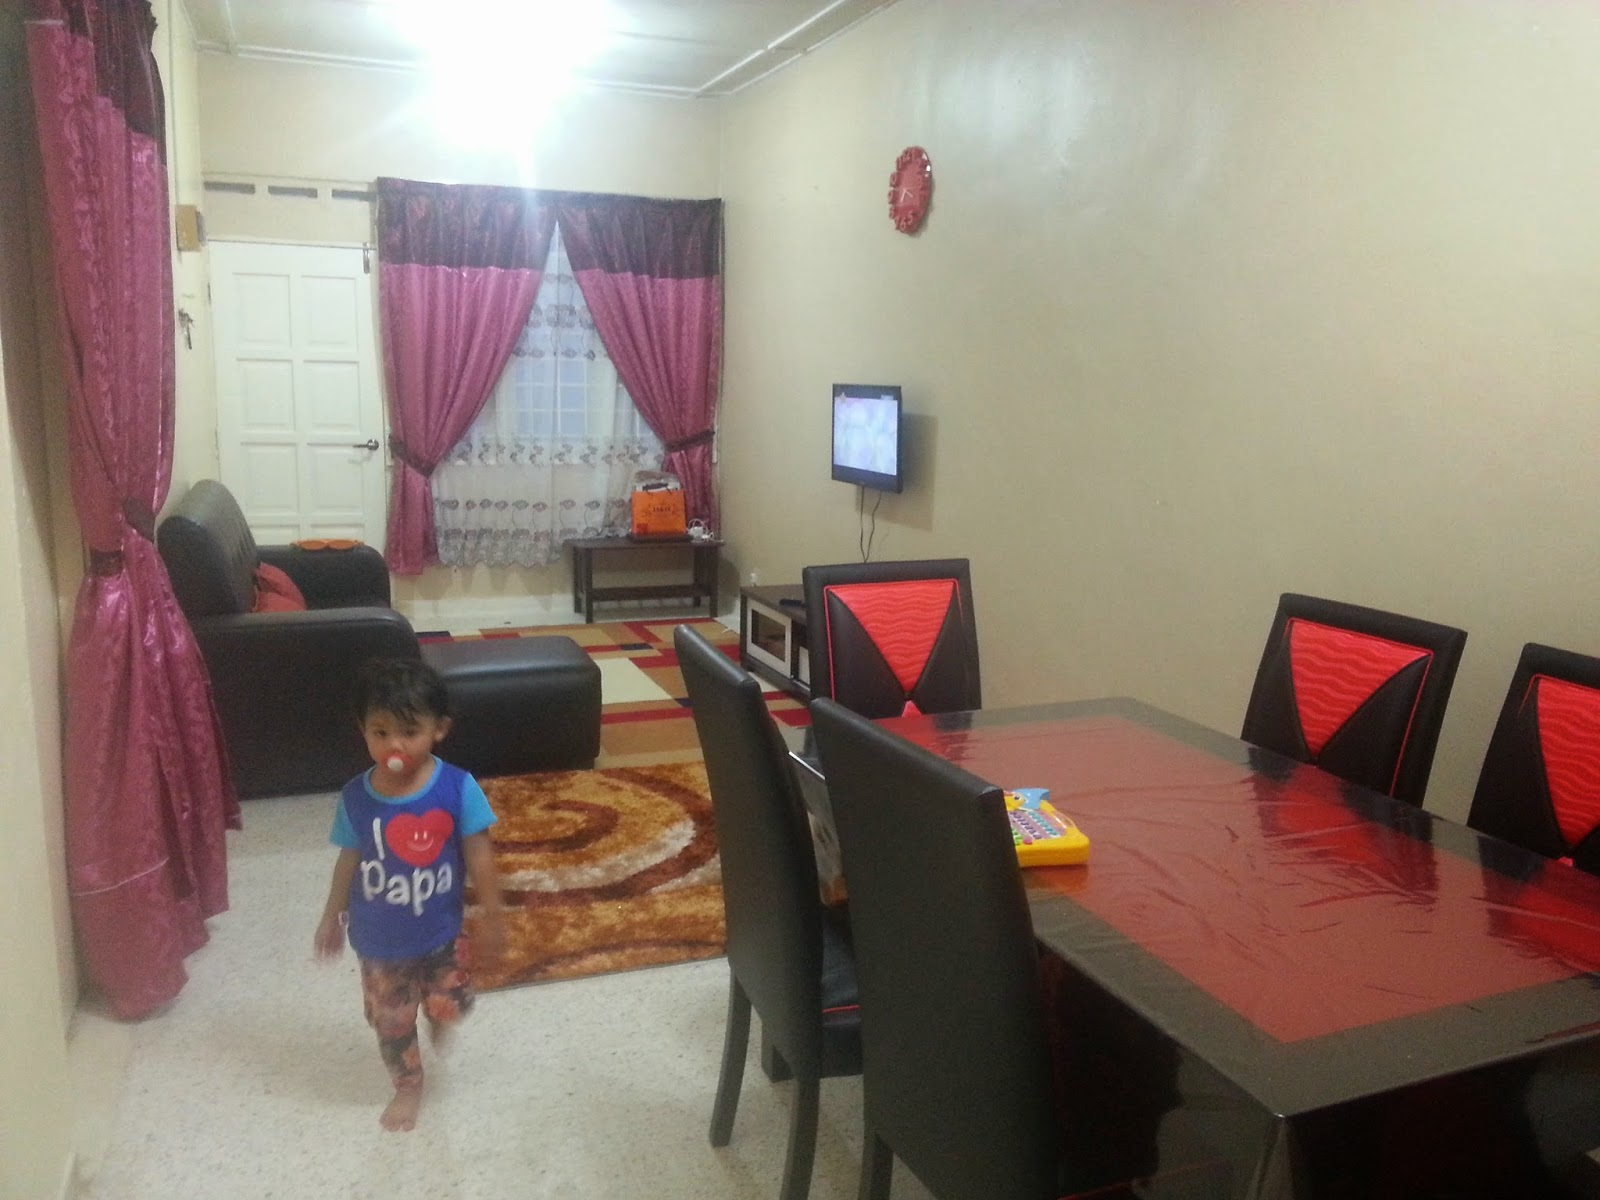 Ni K View Dari Ruang Makan Hurmm Tema Hitam Merah Lagi Siapa Yang Pilih Kan Sayang Sangat Orang Tu Dengan Meja Dia